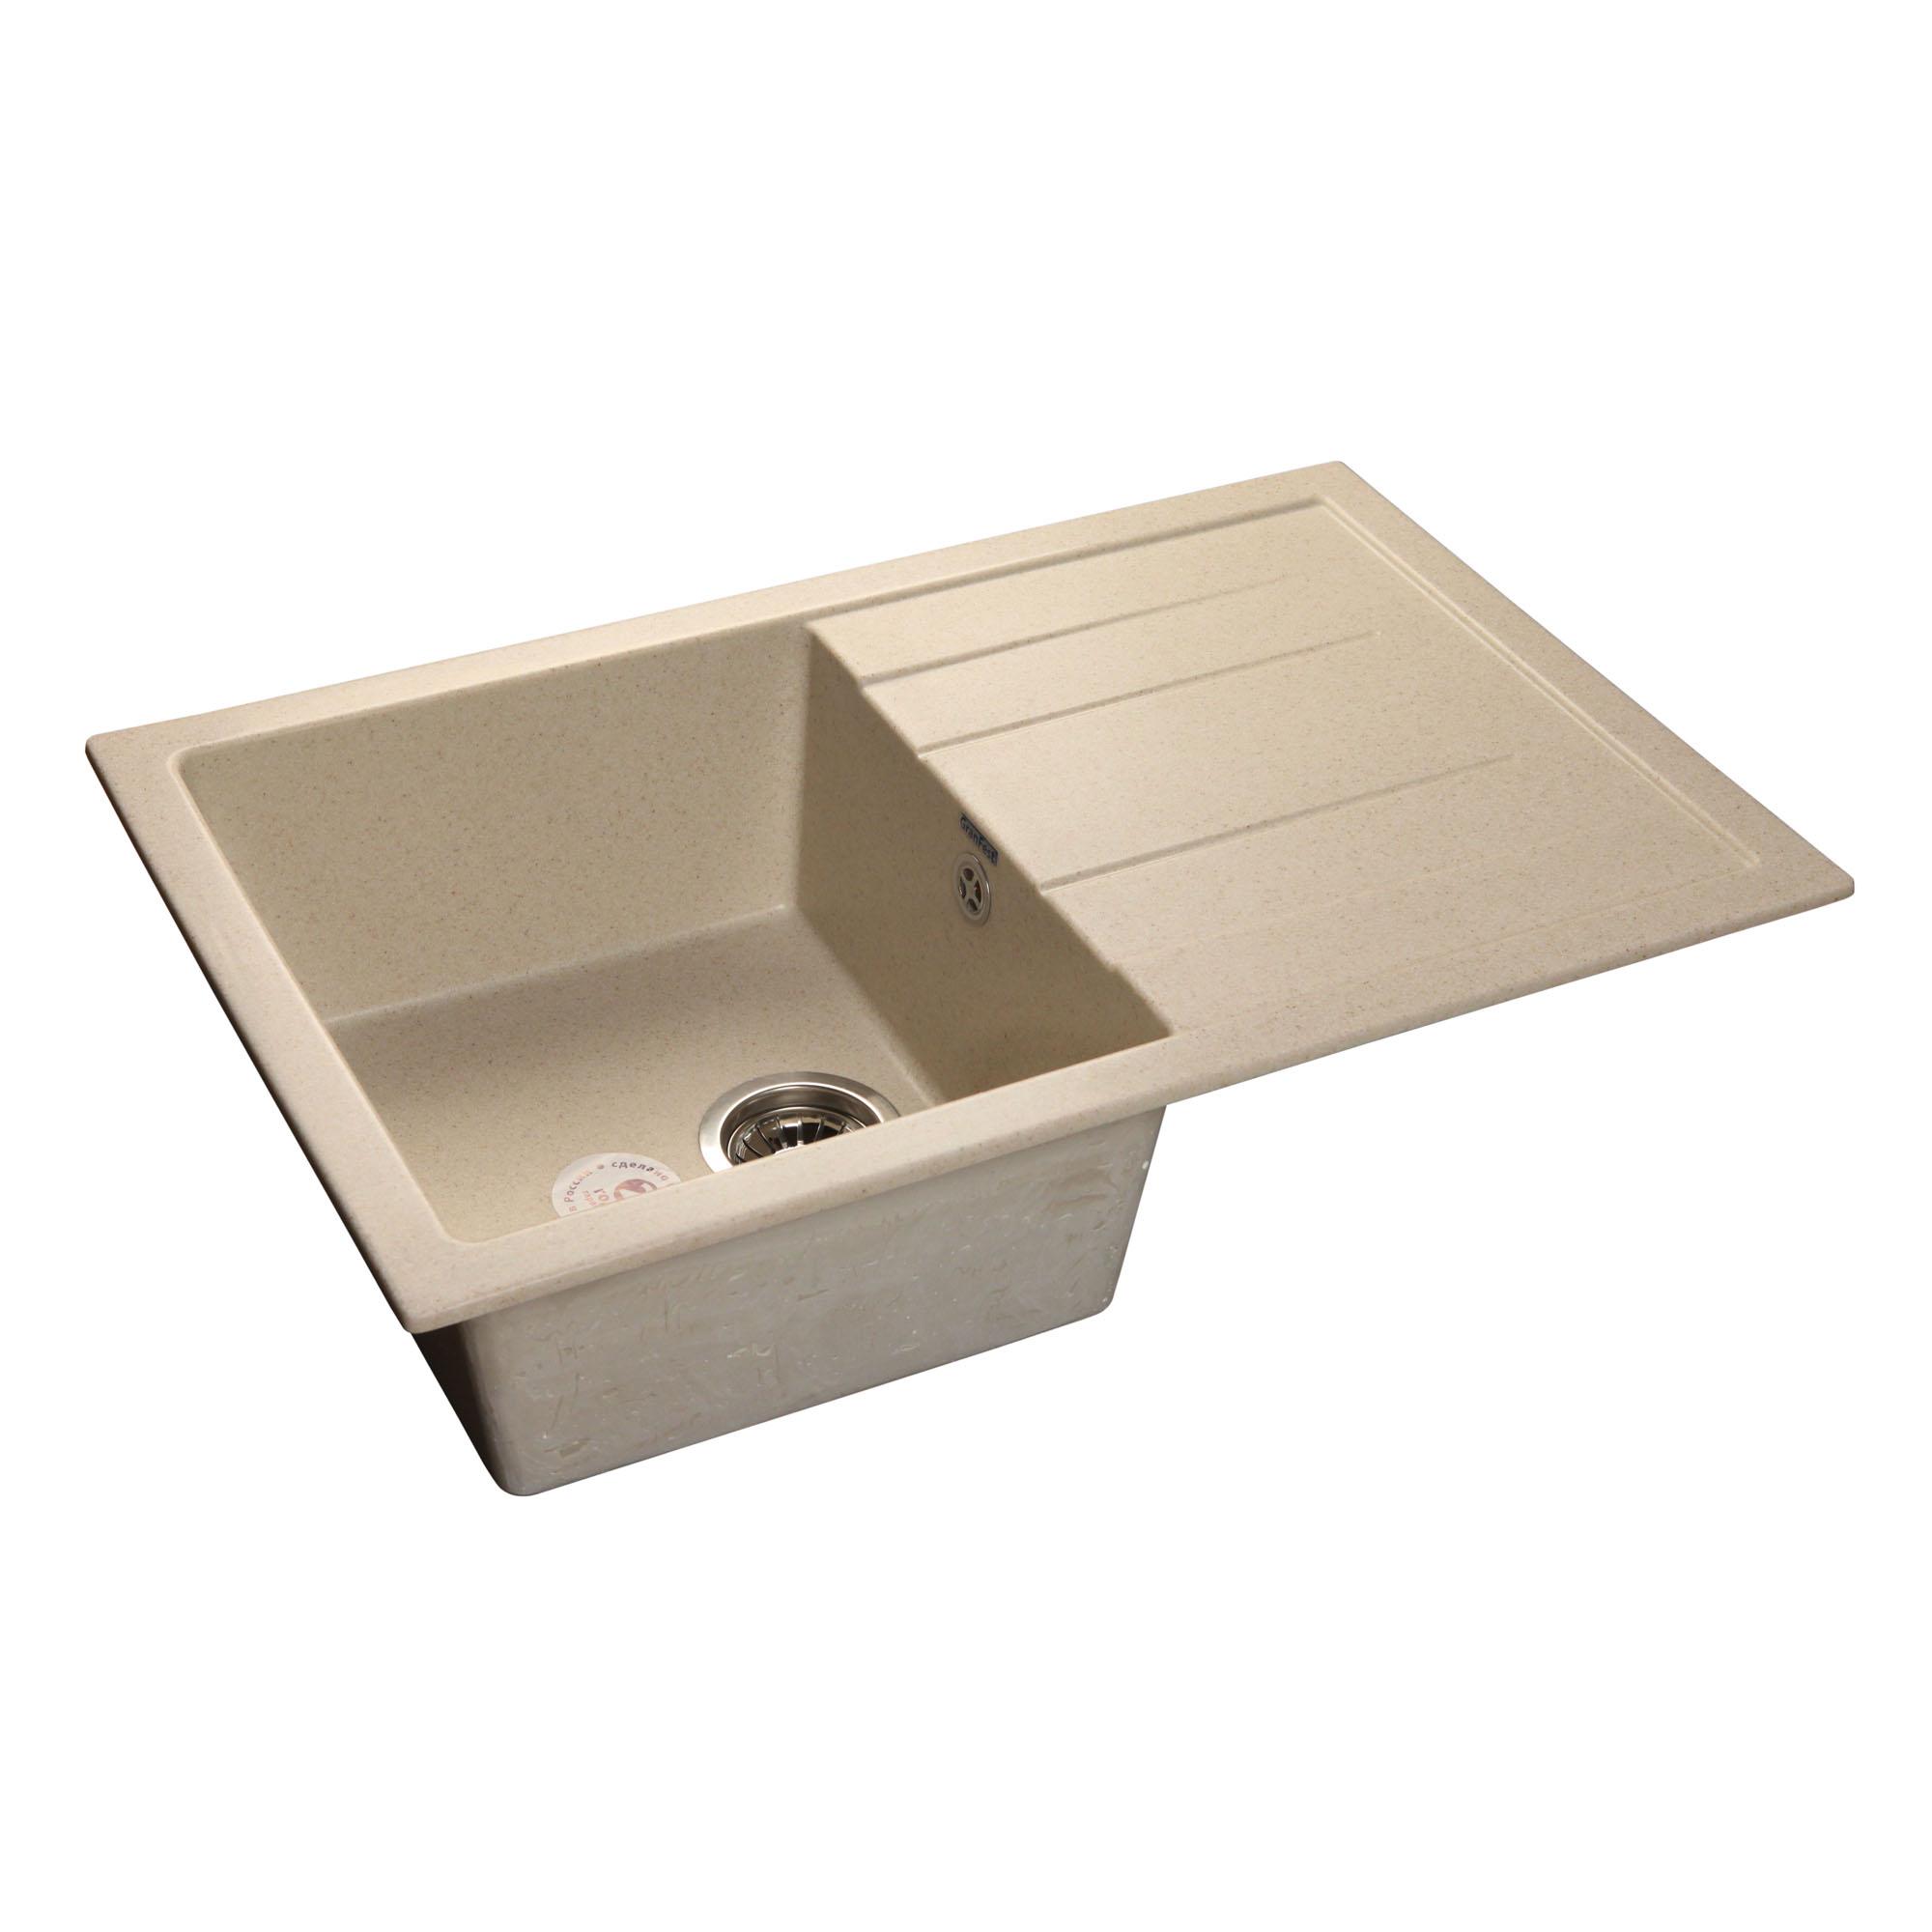 Кухонная мойка GranFest Quadro GF-Q780L бежевый цена